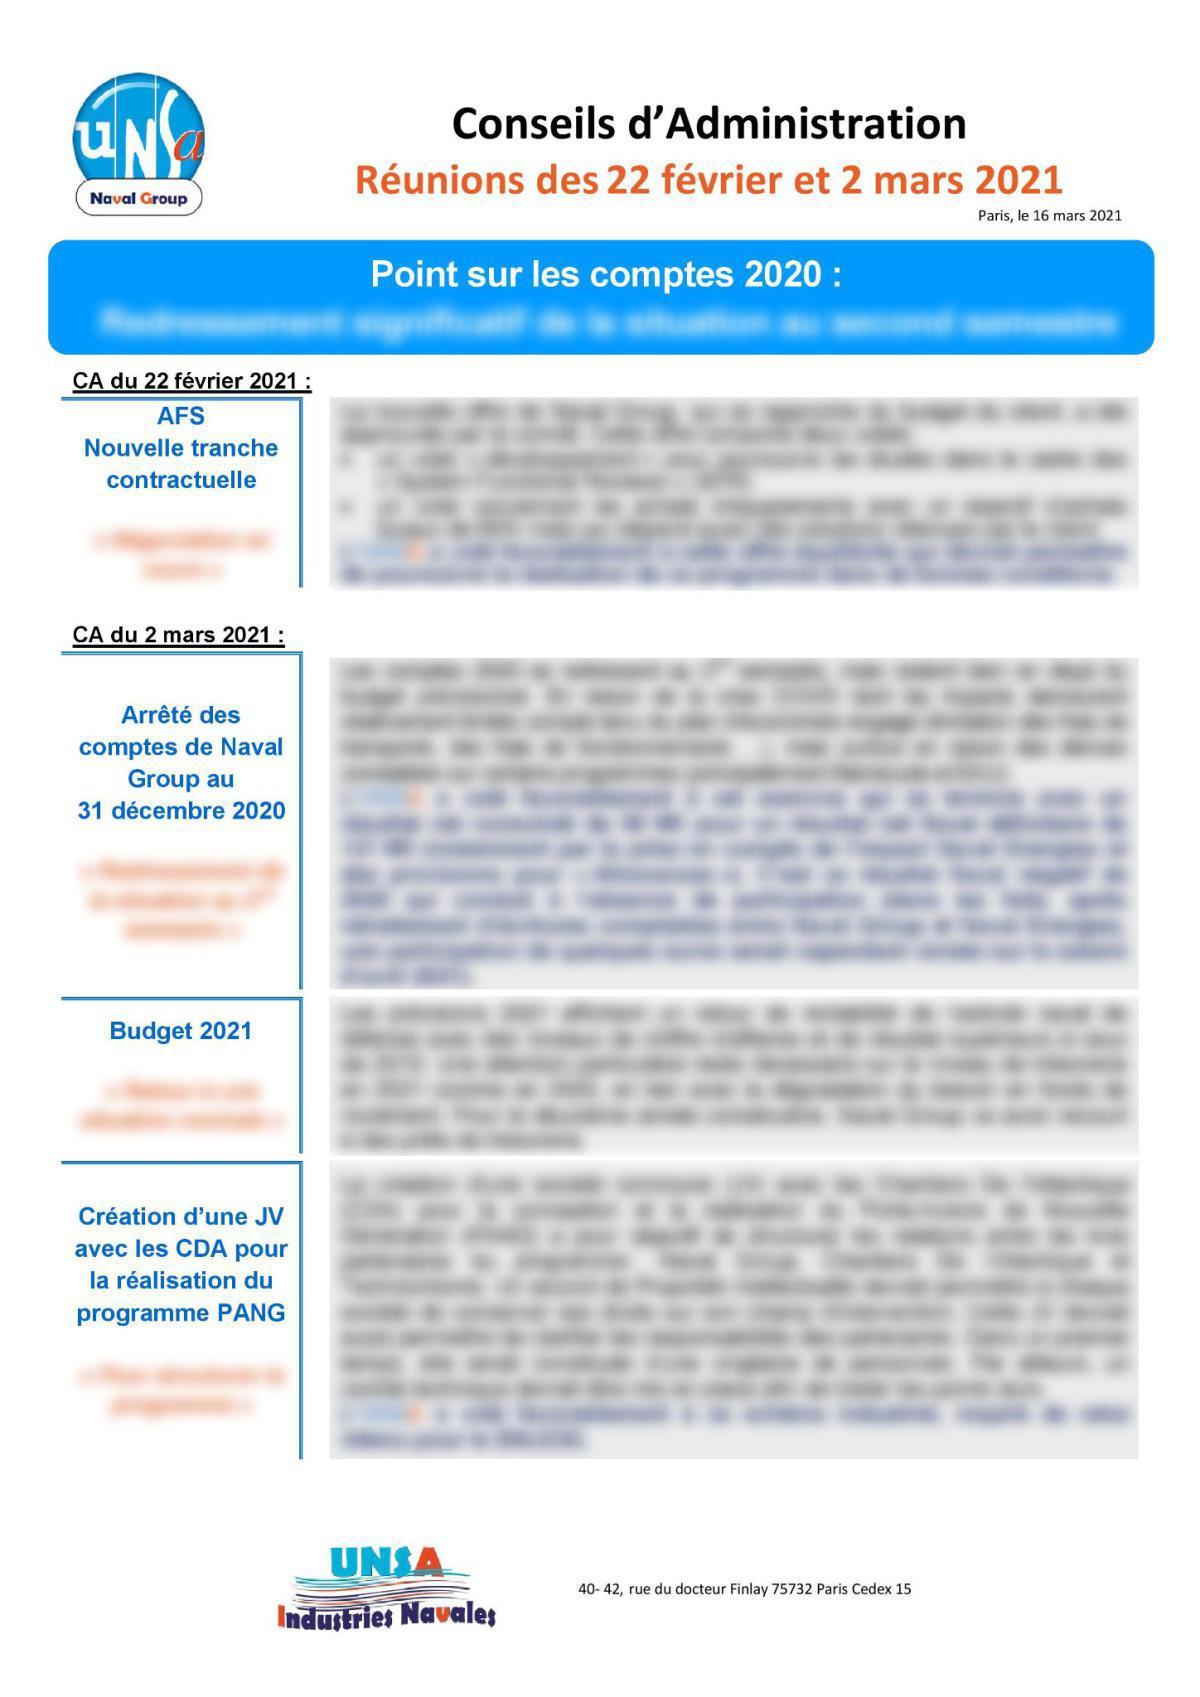 Conseil d'Administration : réunions des 22 février et 2 mars 2021